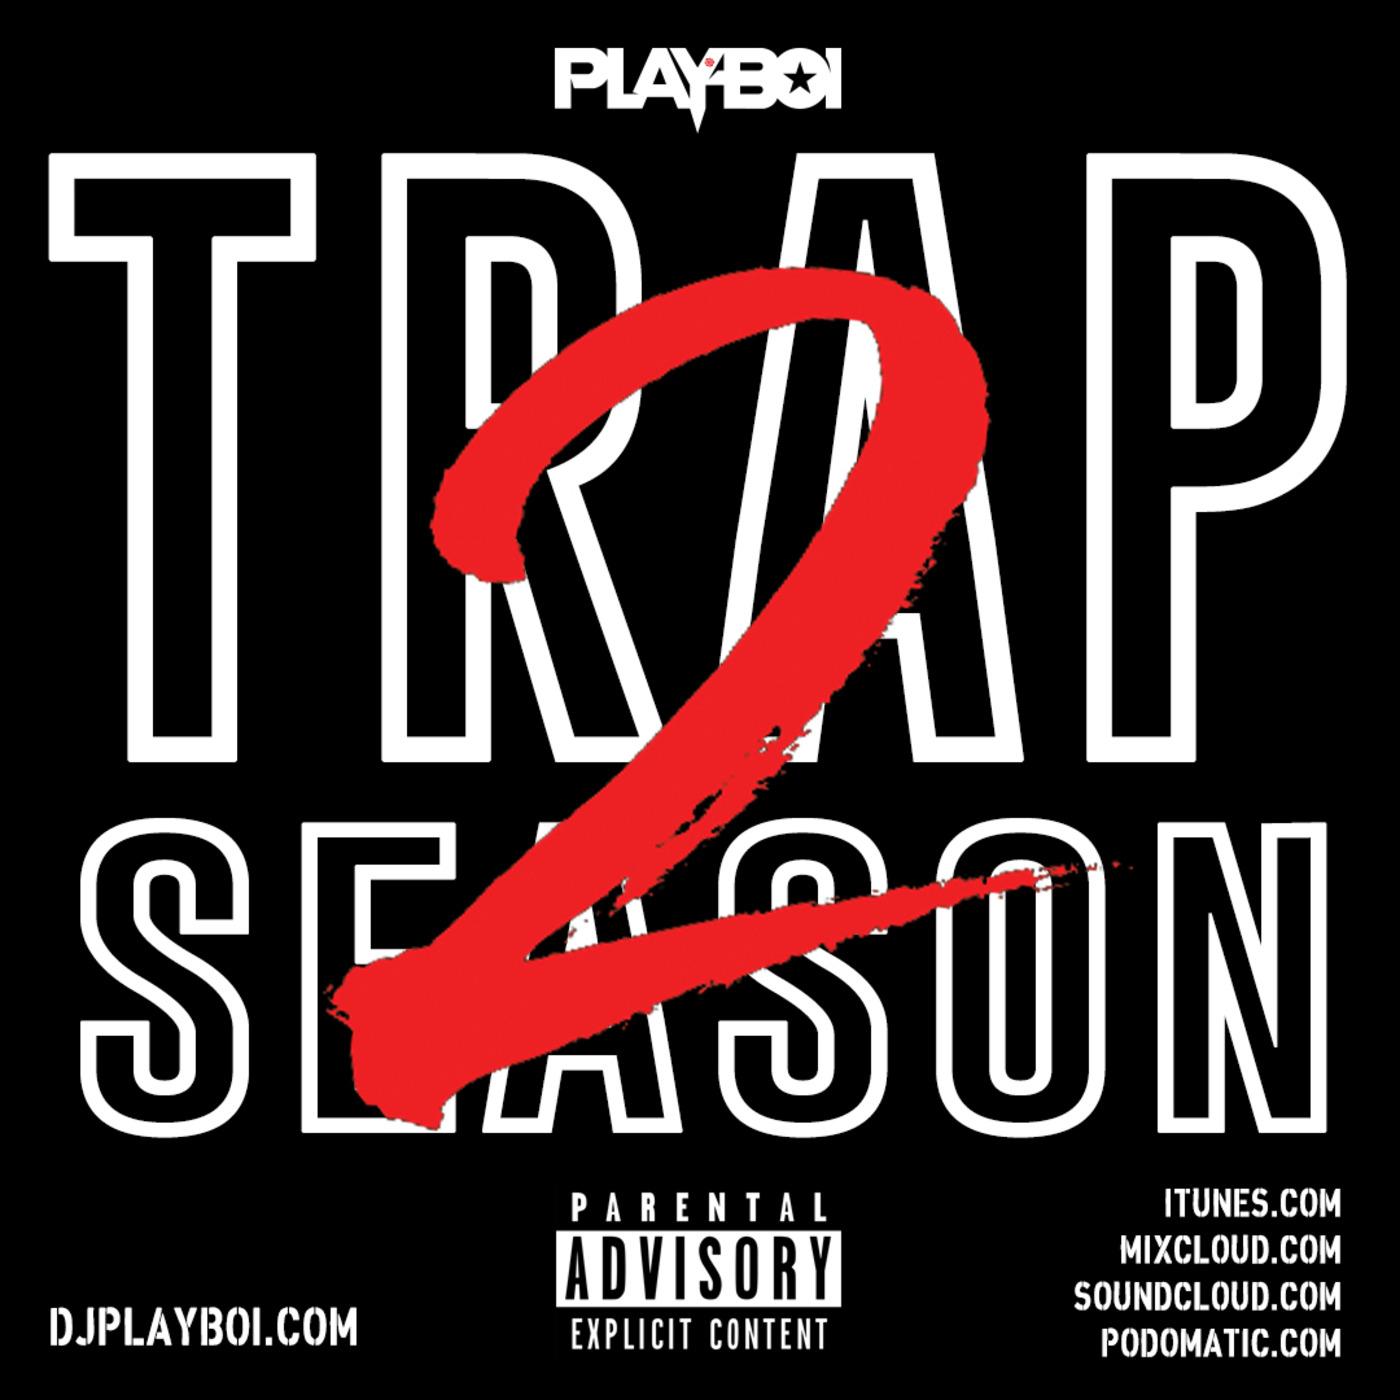 TRAP SEASON 2 | FALL 2017 DJ PLAYBOI PODCAST | HIPHOP - TRAP